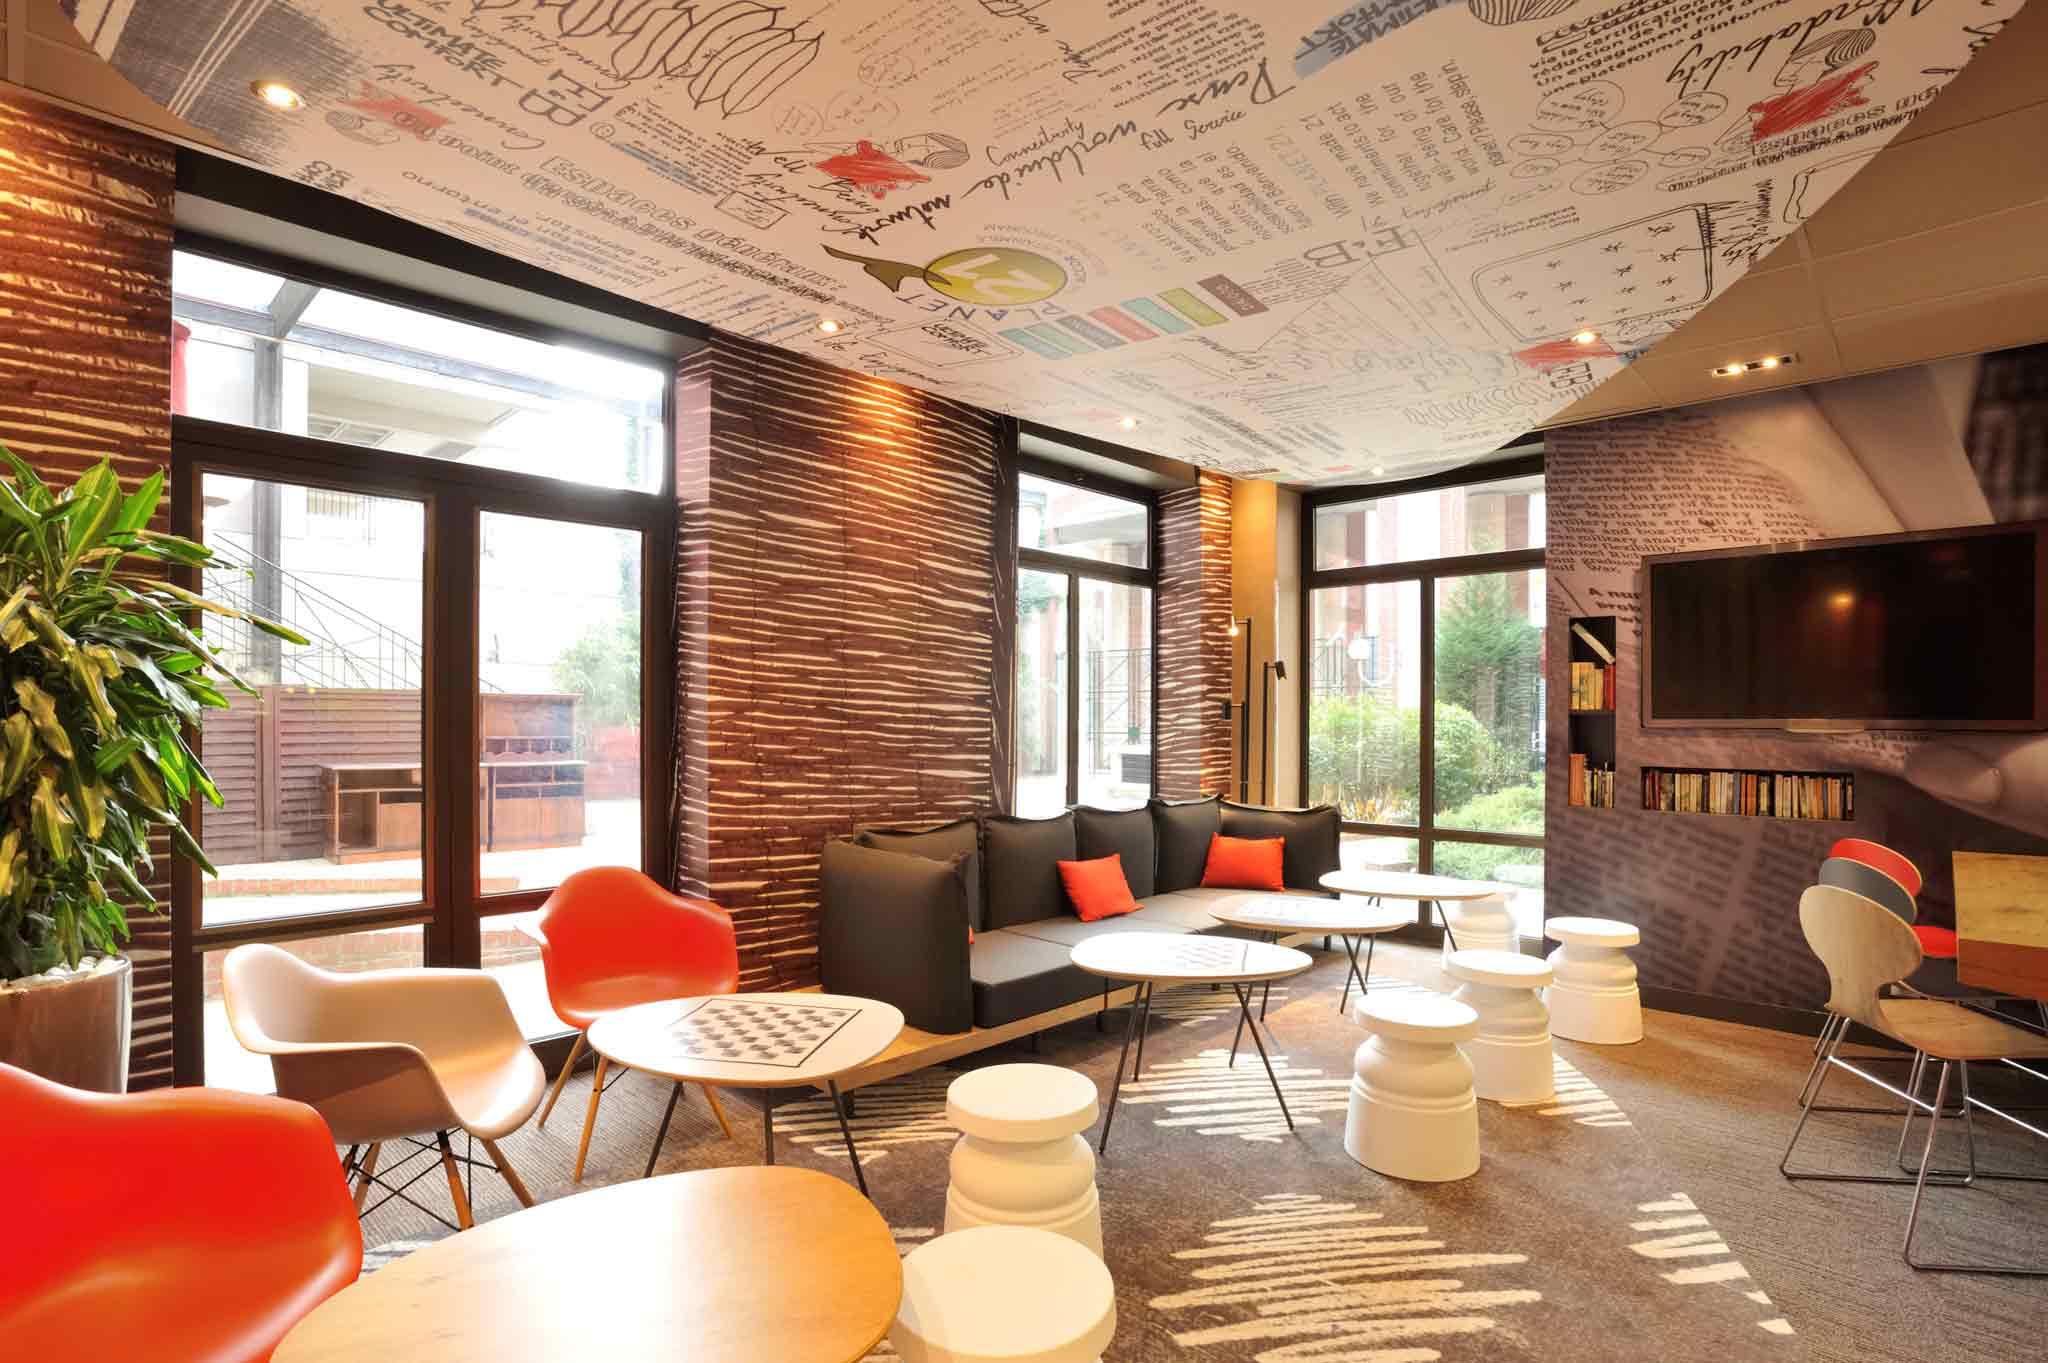 cours de cuisine lille pas cher simple hotel ibis lille villeneuve duascq grand stade with. Black Bedroom Furniture Sets. Home Design Ideas